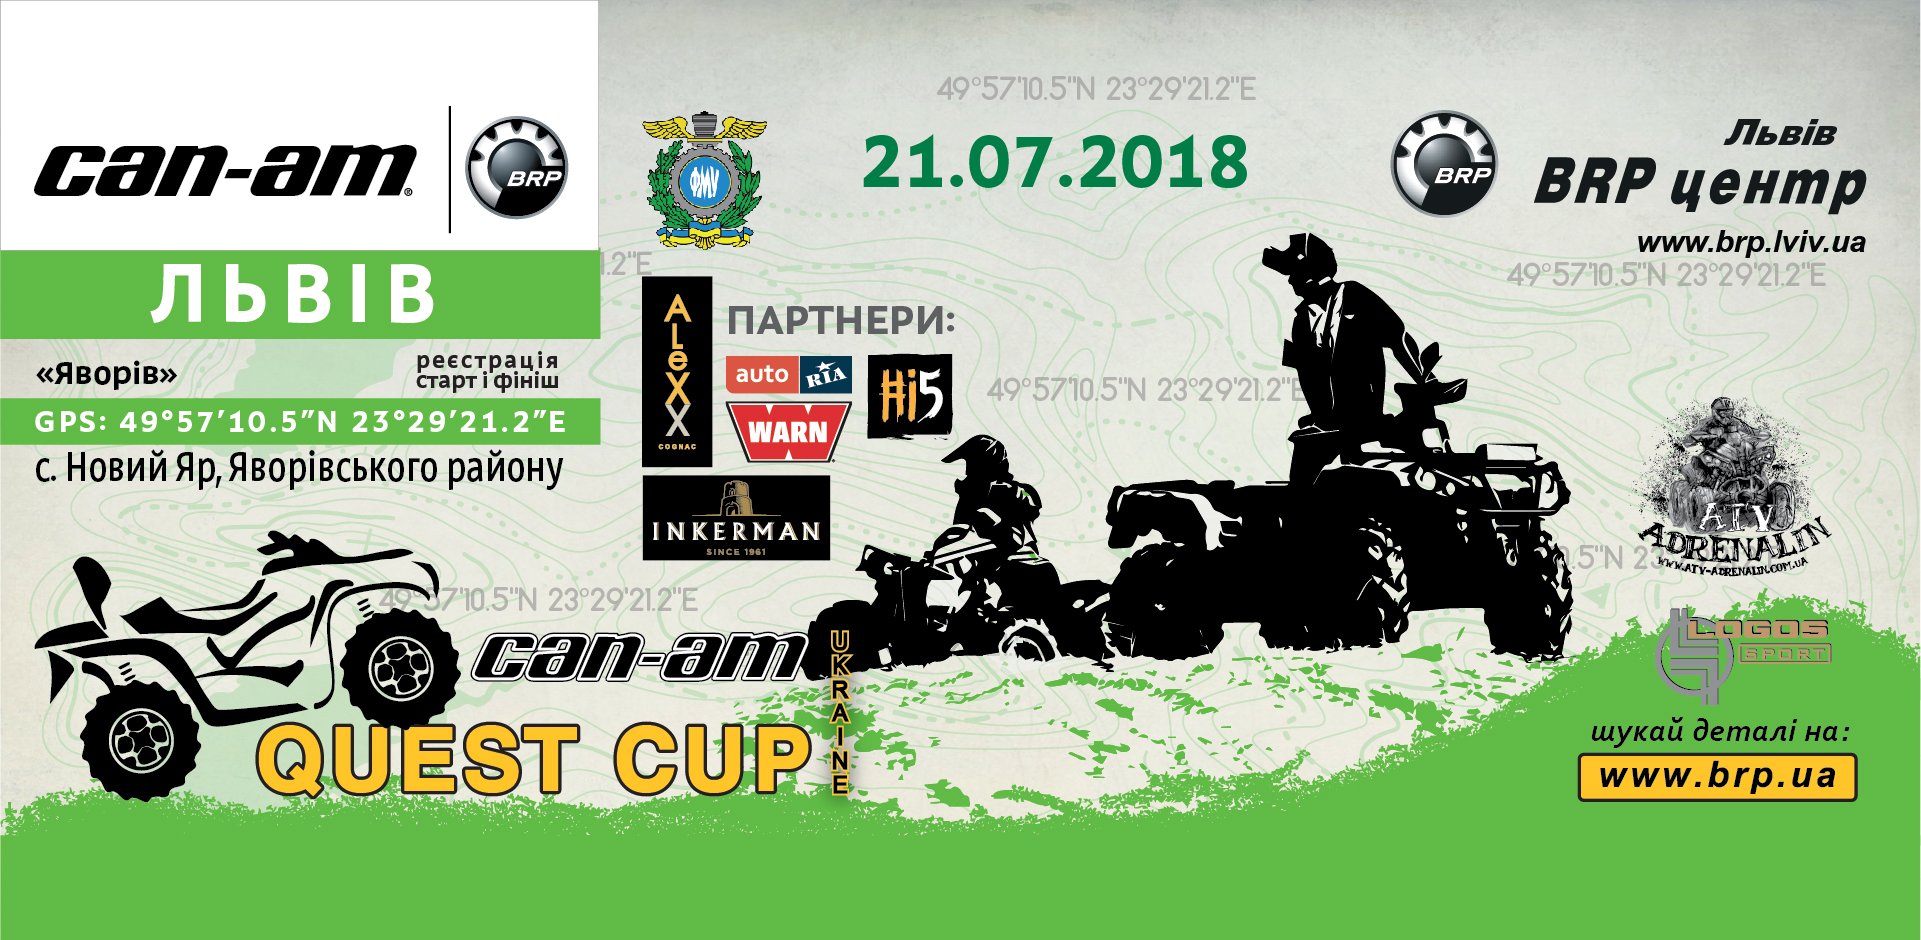 Серія «CAN-AM QUEST CUP 2018». 21 липня — вже у Львові!